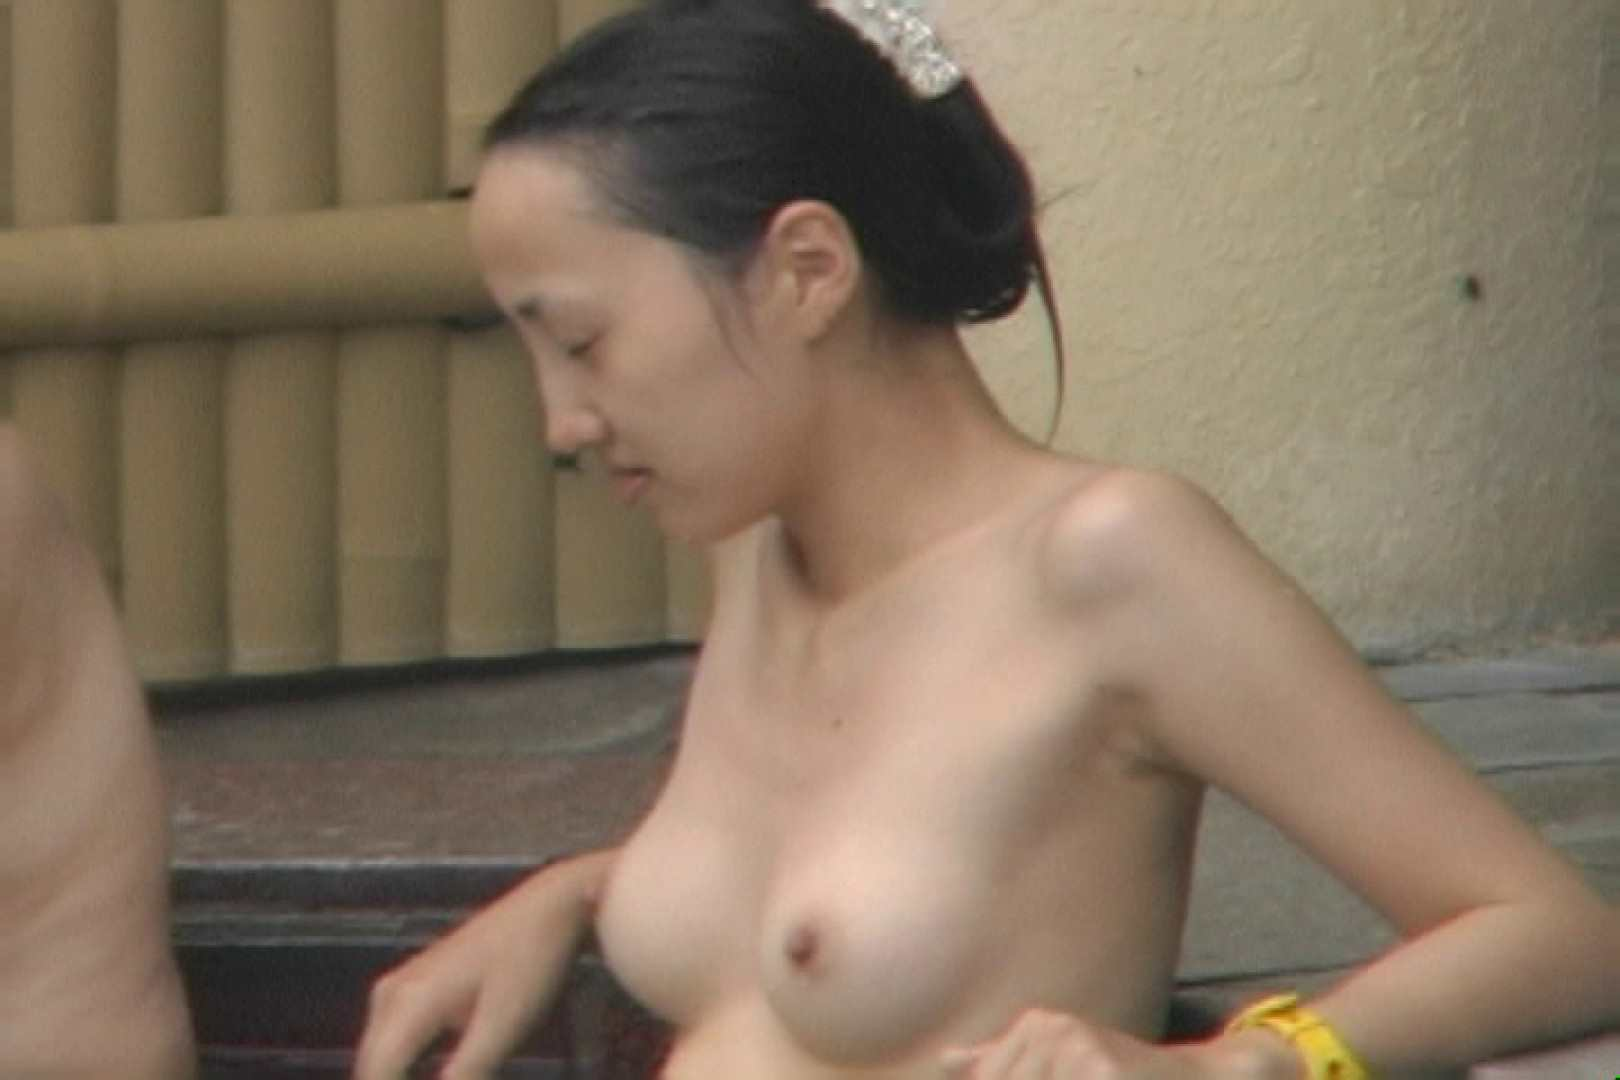 Aquaな露天風呂Vol.41 美しいOLの裸体  107pic 66